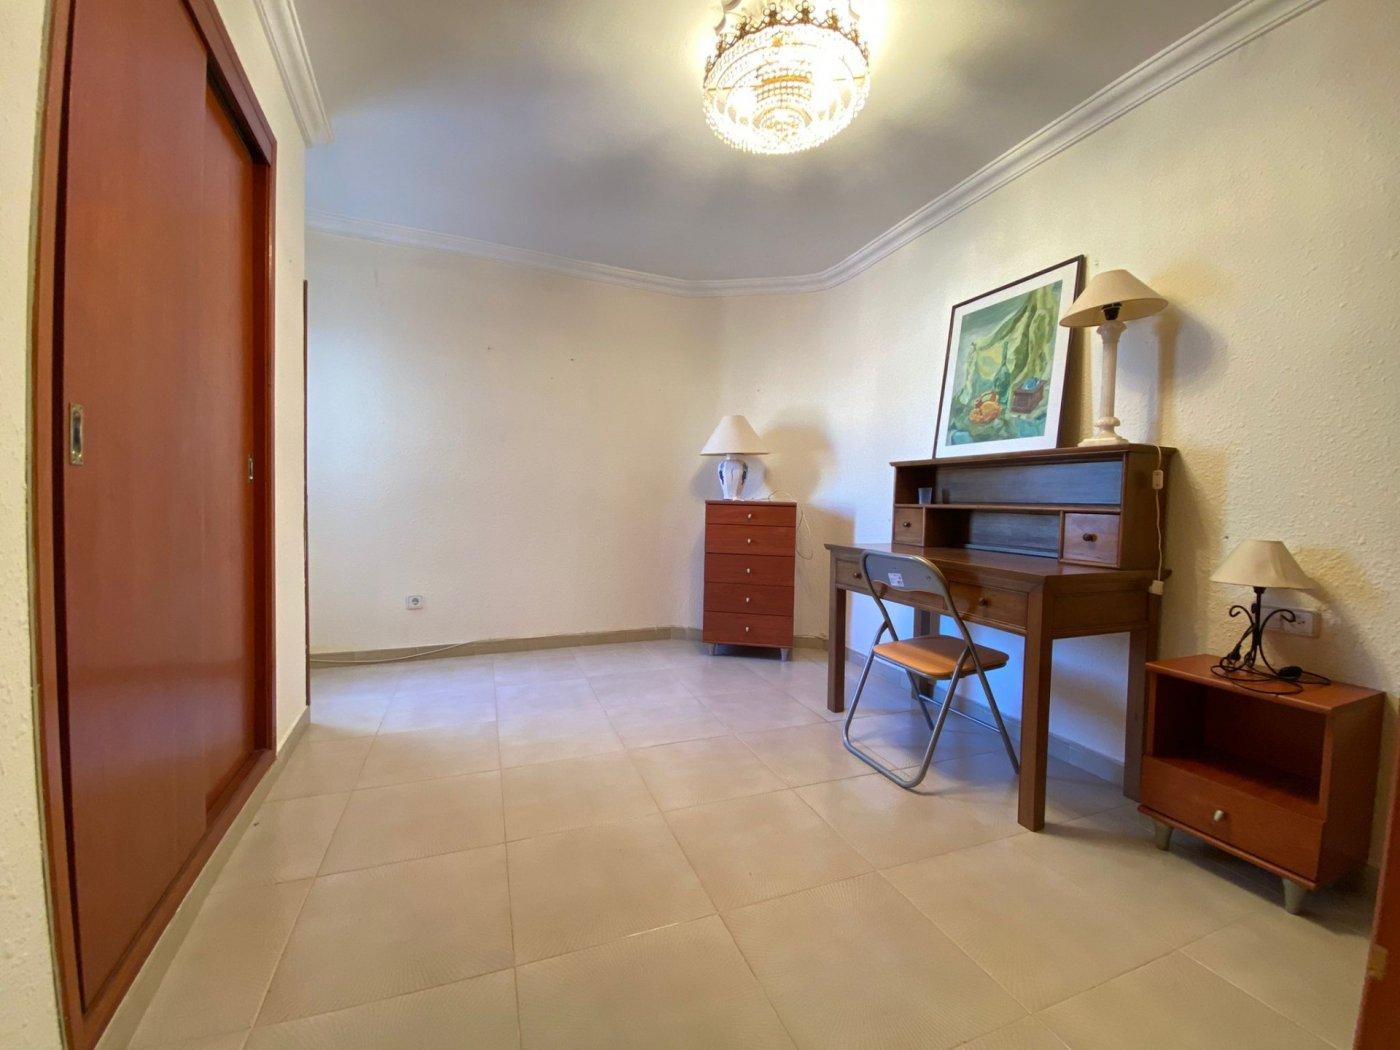 Señorial piso en palma, posibilidad alquiler con opción a compra - imagenInmueble10